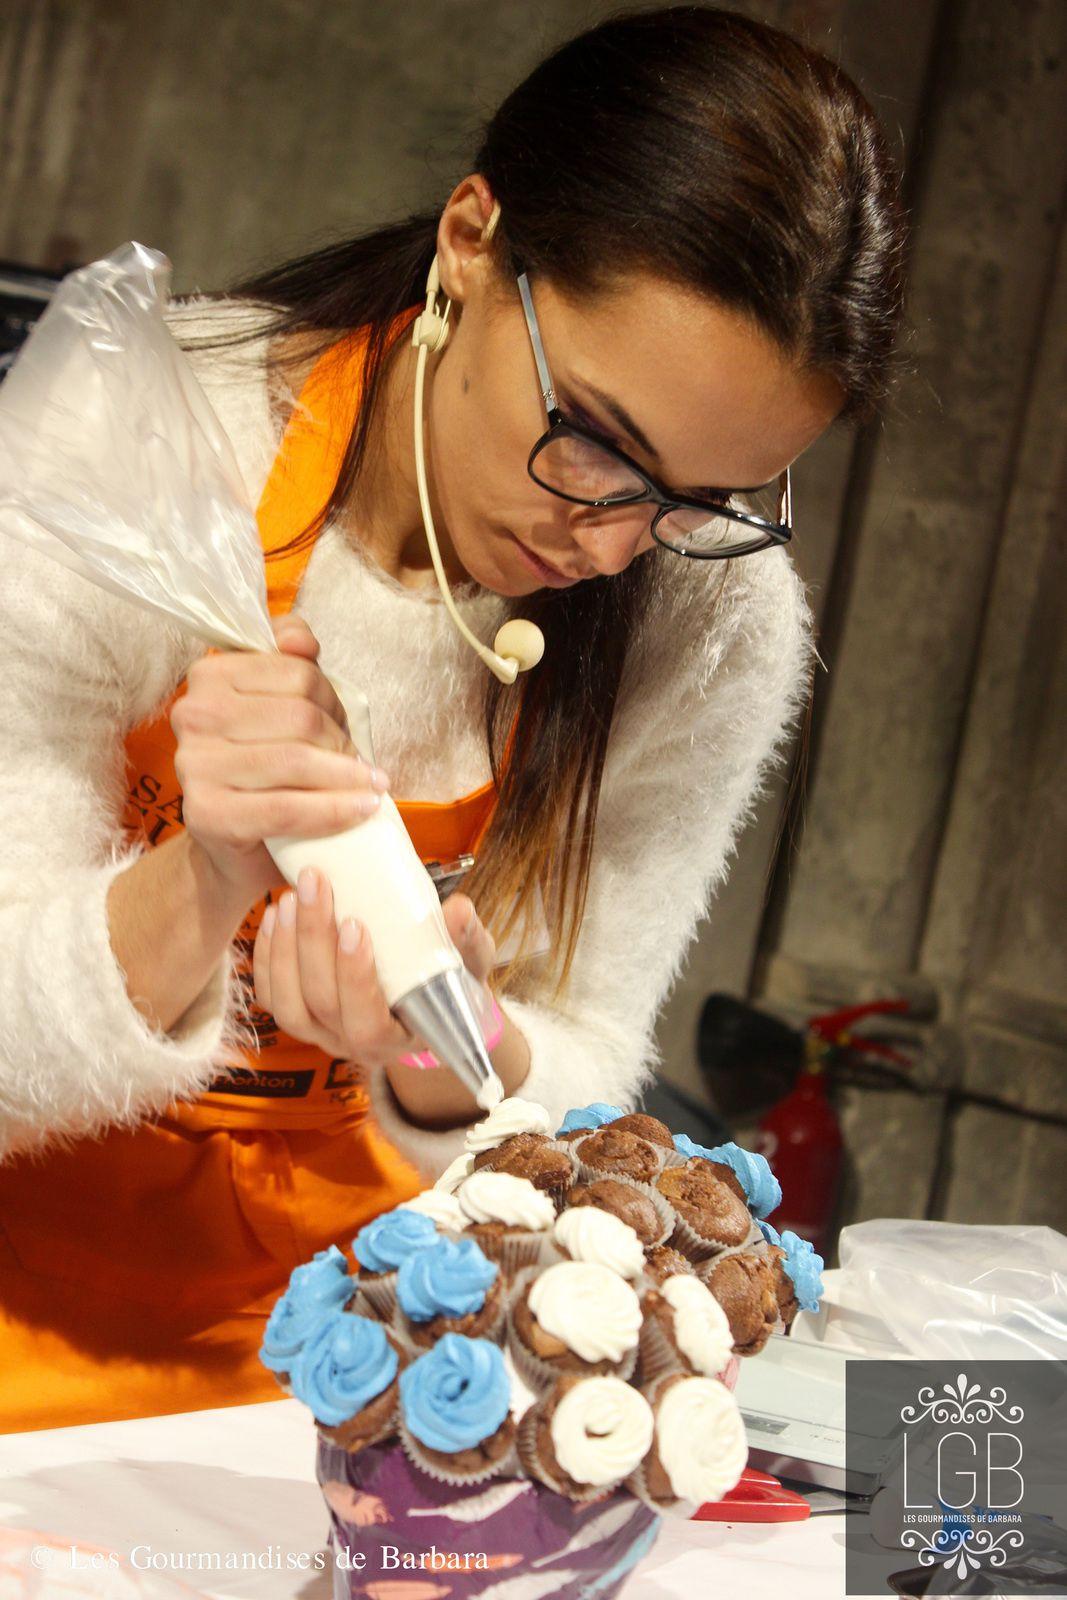 Bouquet de cupcakes au Salon du Blog Culinaire 8 à Soissons